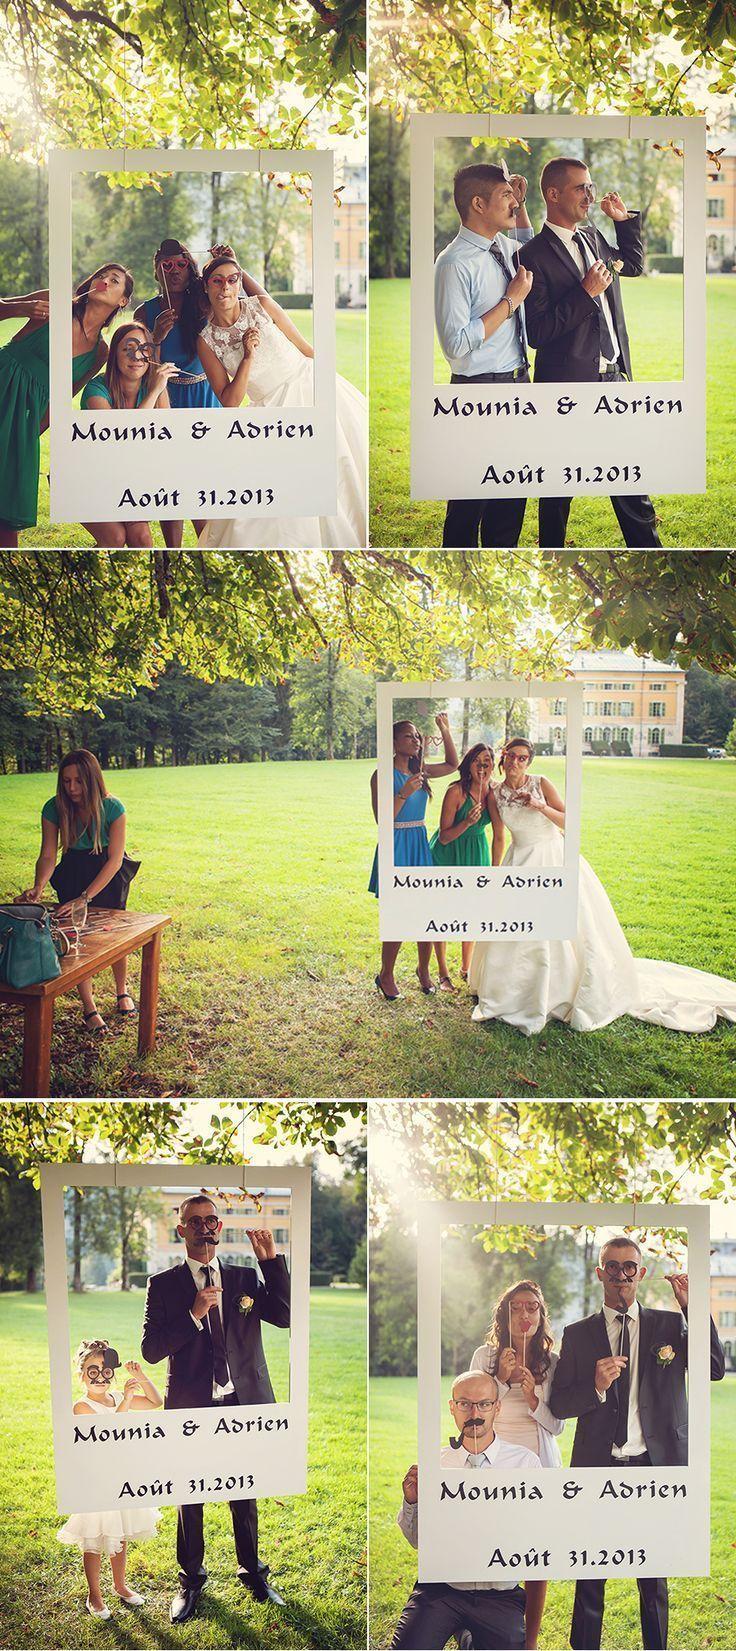 DIY Hochzeit: 30 Ideen für einen originellen Foto... - #DiY #einen #Foto #für ... - Hochzeit,  #animationideaspictures #DIY #einen #foto #für #Hochzeit #Ideen #originellen